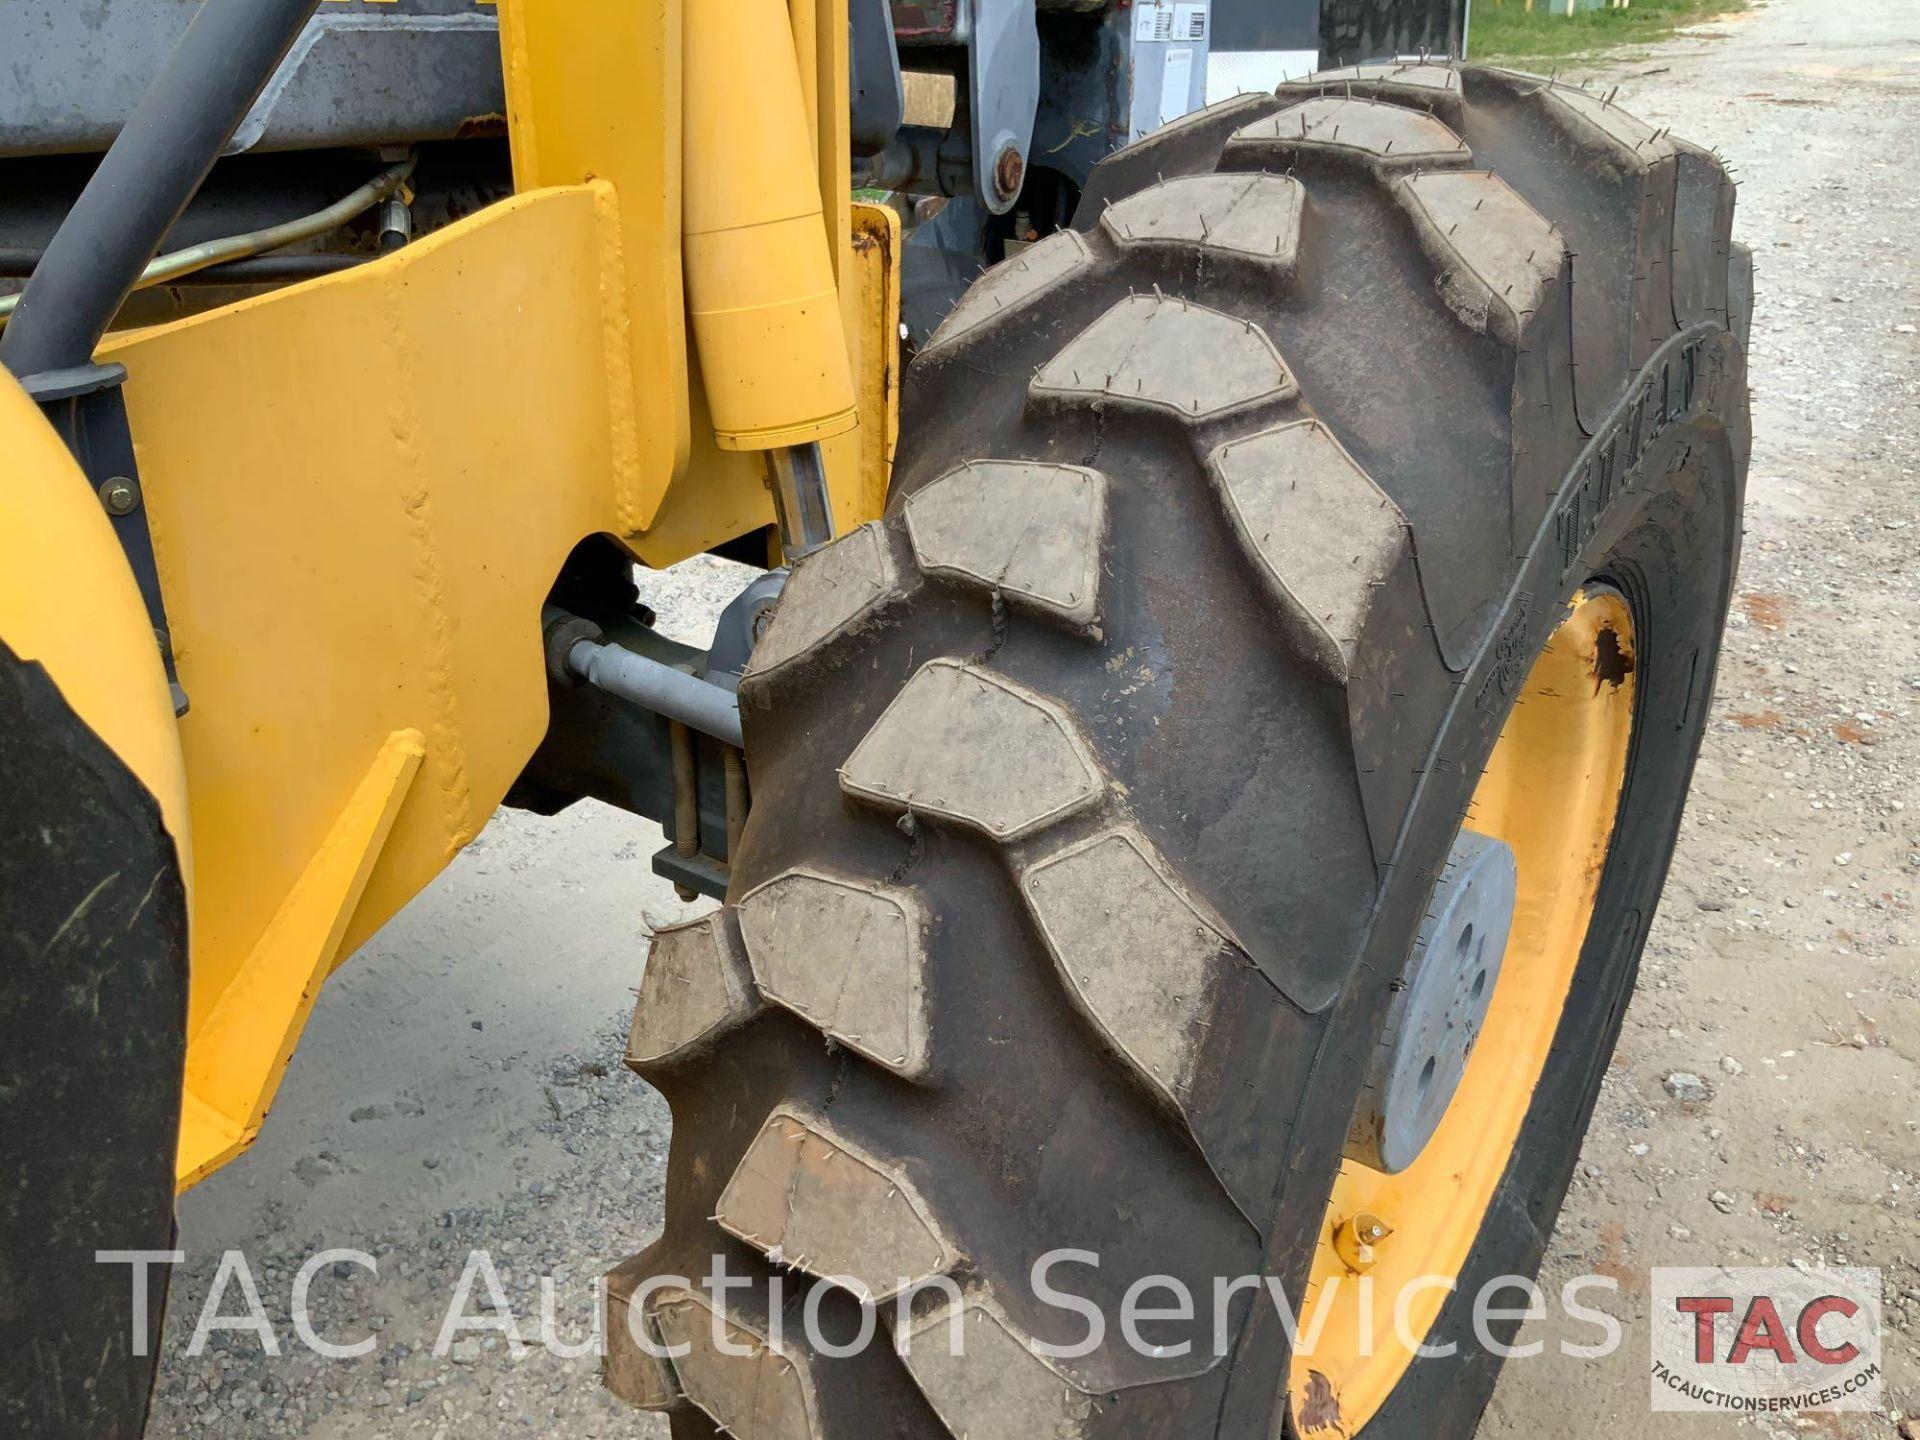 1999 New Holland LM840 Telehandler Forklift - Image 19 of 25